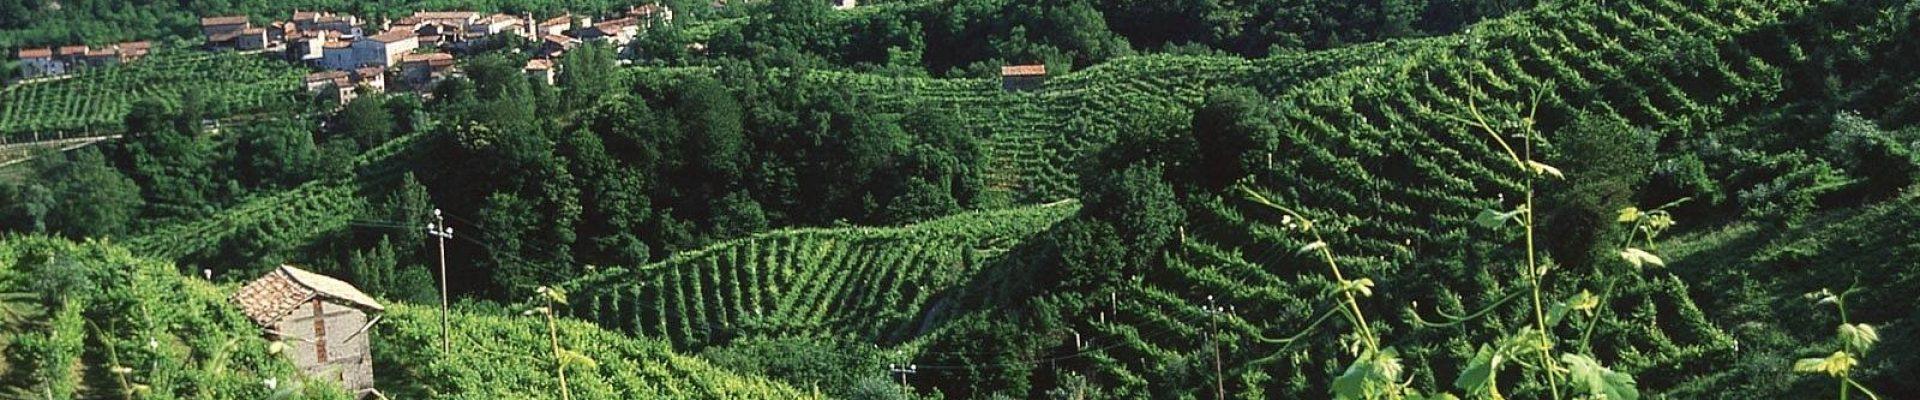 Prosecco_Valley